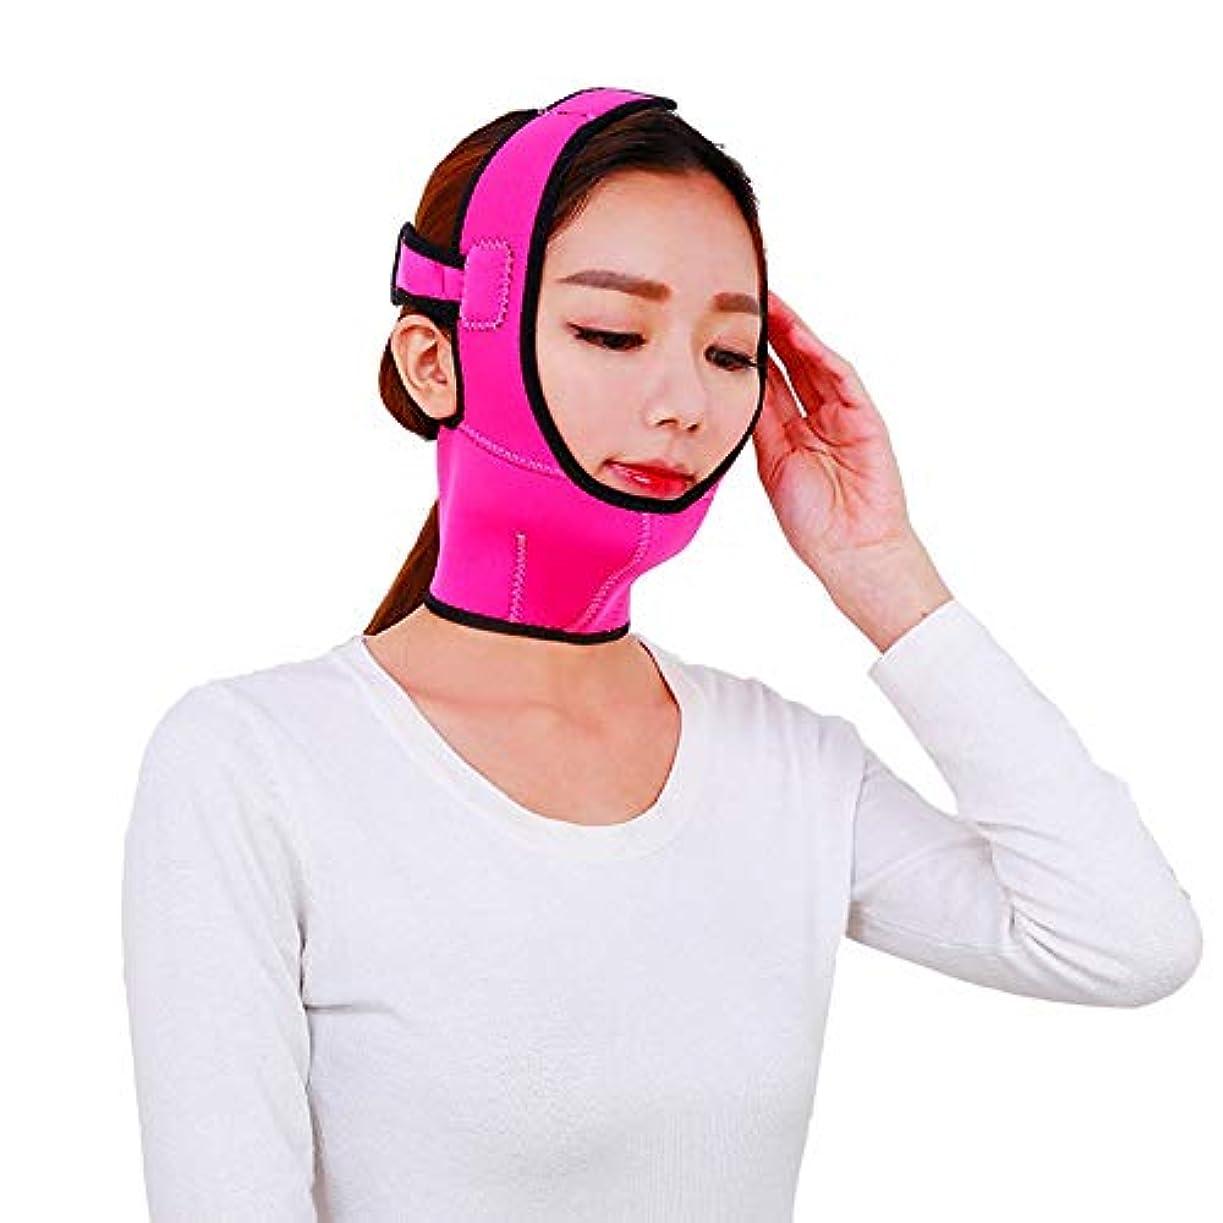 フォージ敵意砂利顔を持ち上げるベルト通気性の顔面リフティング包帯ダブルチン顔面リフティングマスクを締めるV顔面顔面リフレッシングツール